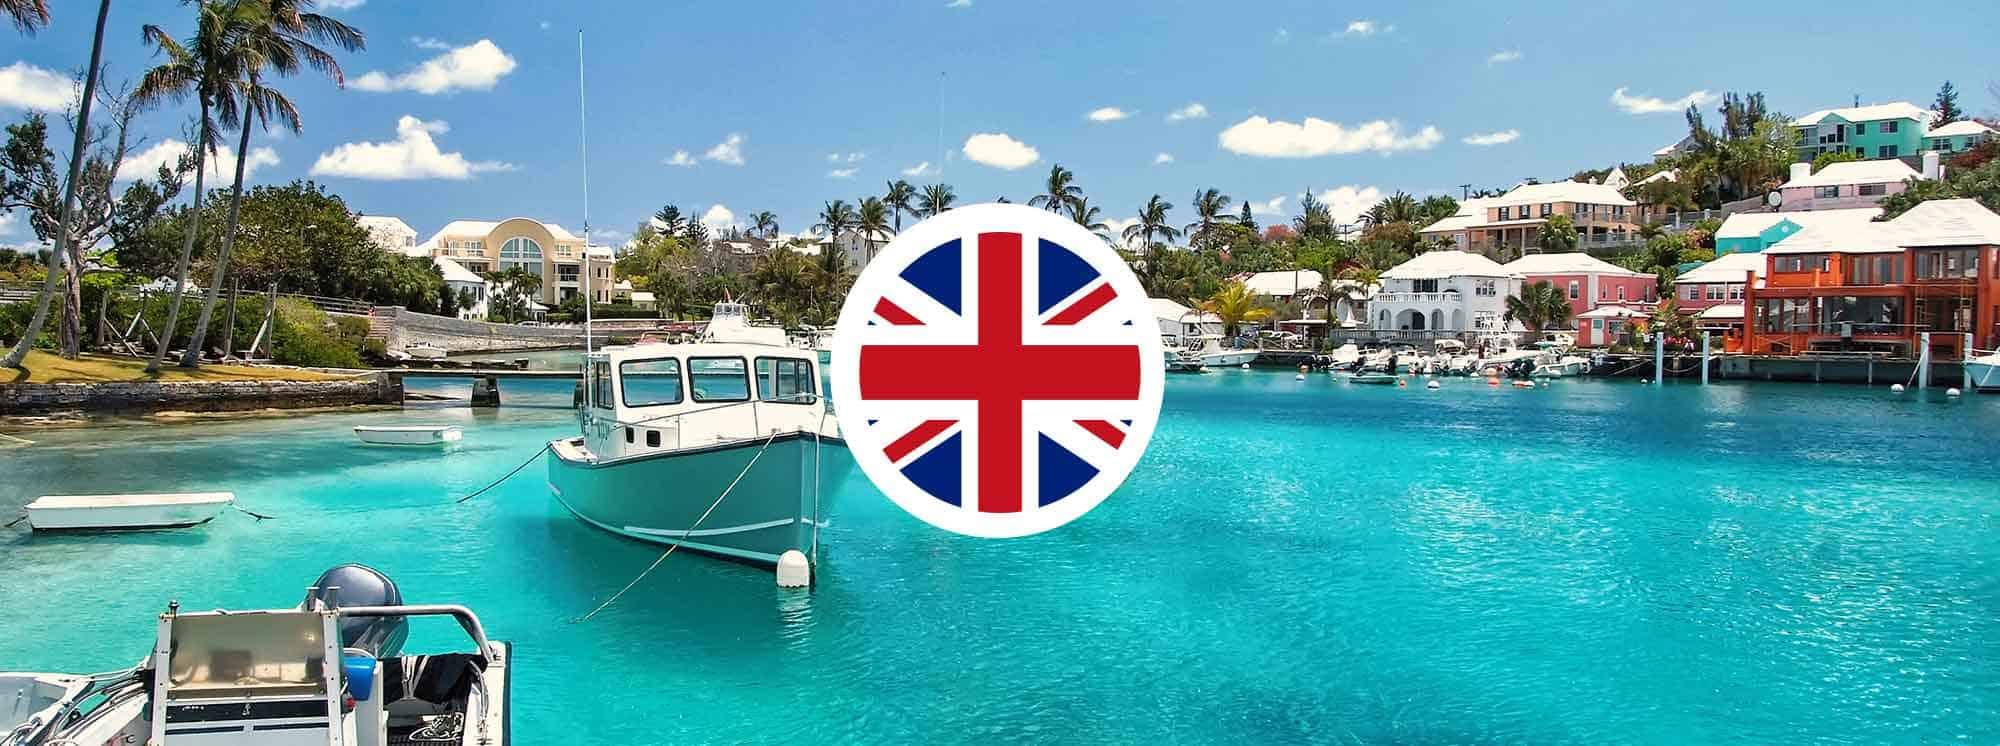 Le migliori scuole inglesi a Bermuda